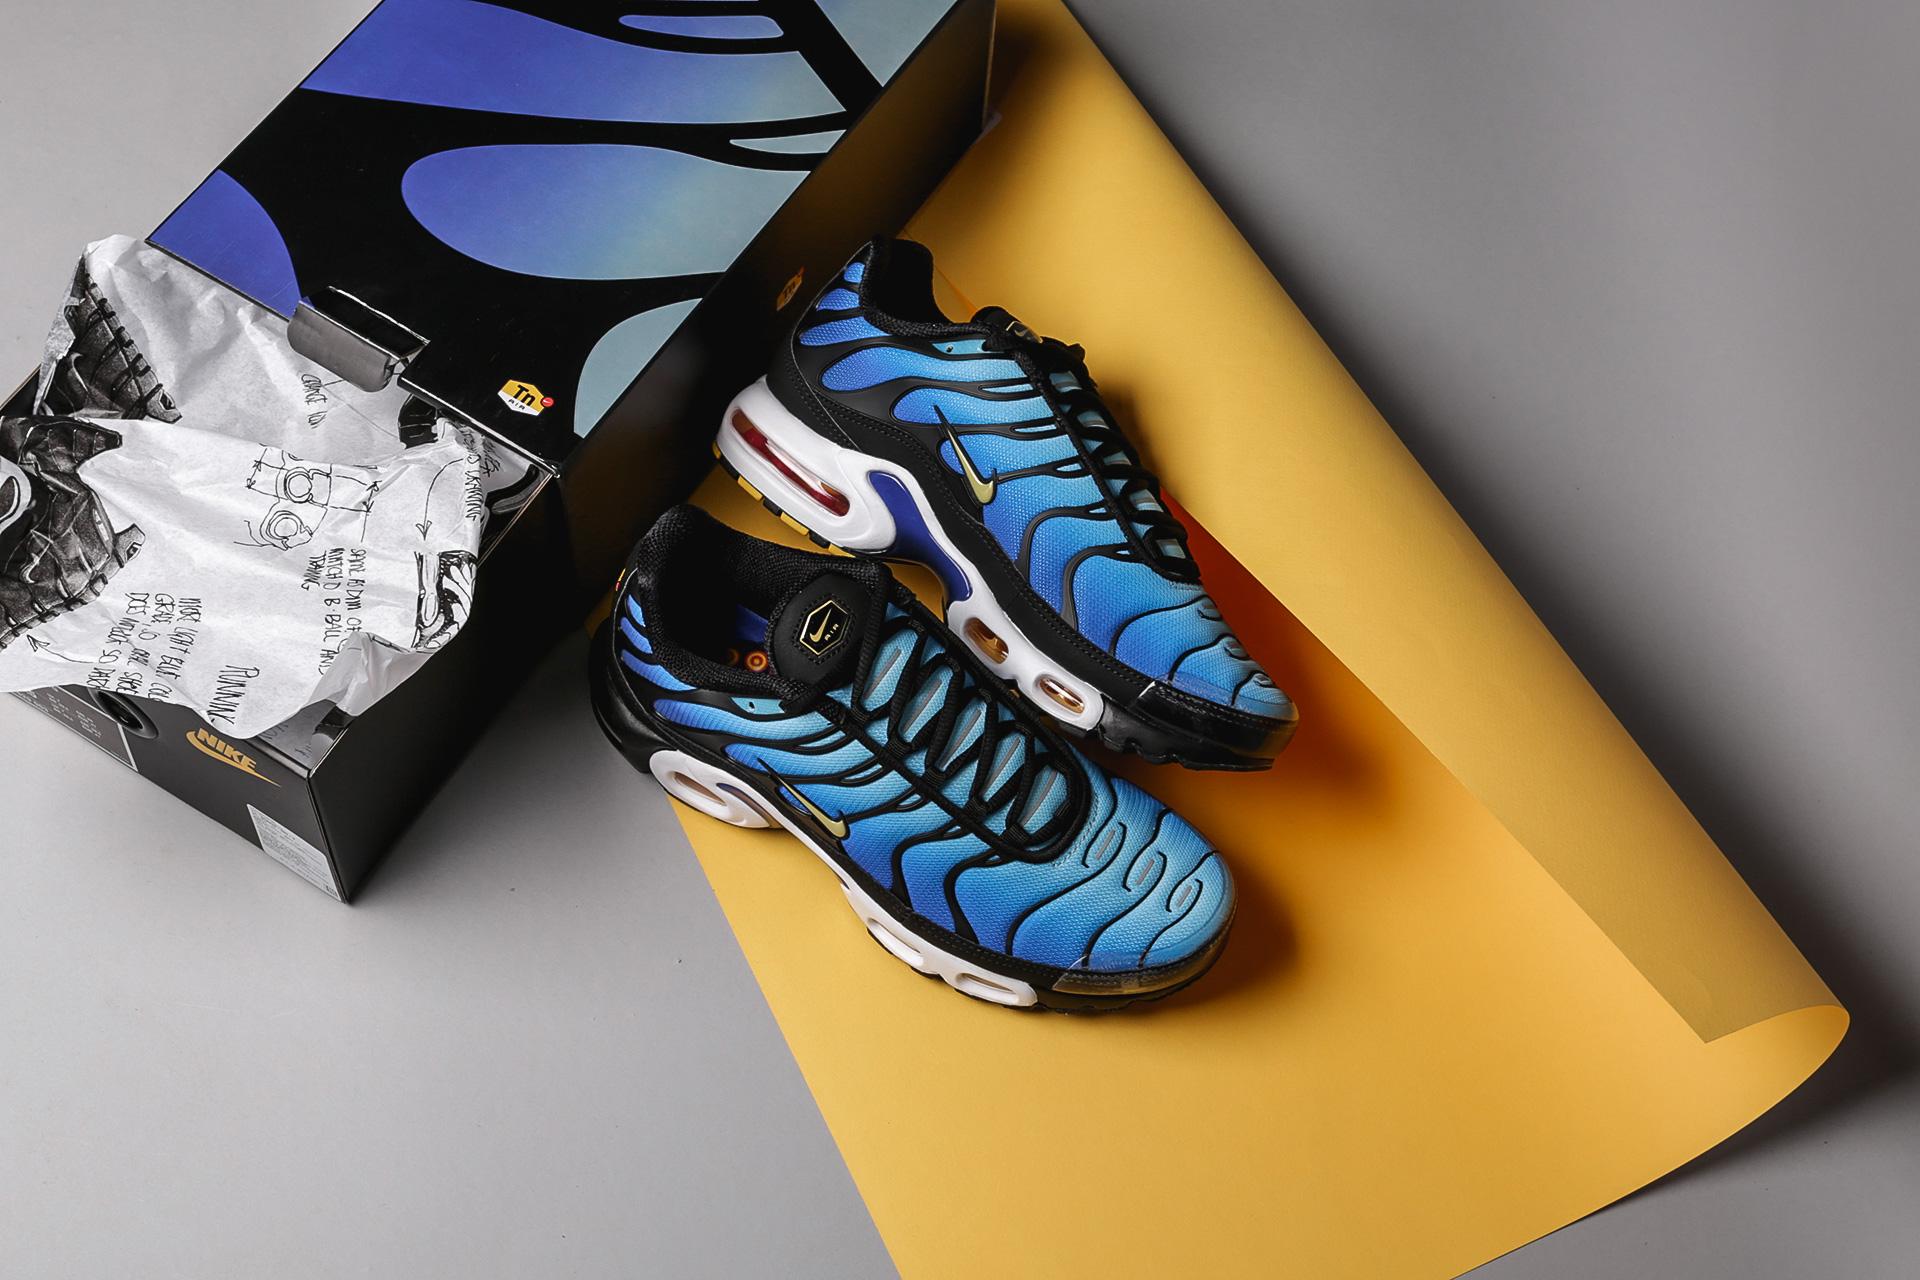 bfddbd8e213809 Купить синие мужские кроссовки Air Max Plus OG от Nike (BQ4629-003 ...